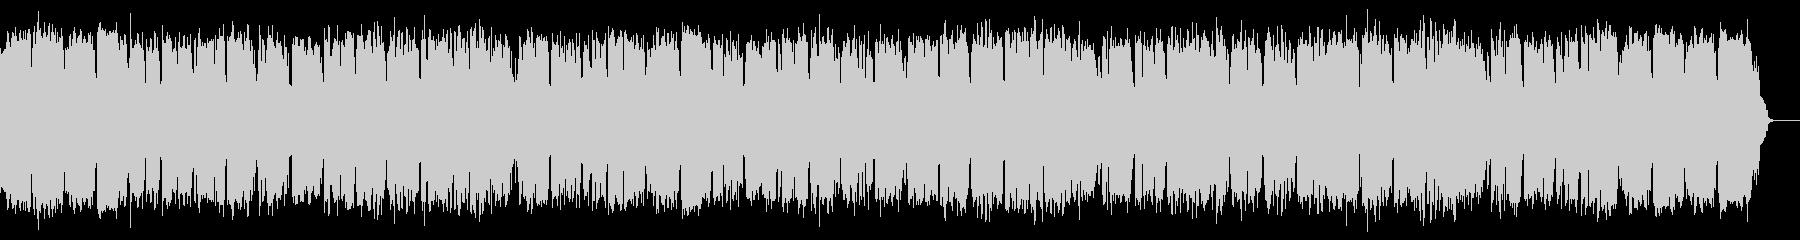 昭和レトロなタンゴの透明感あるソプラノ歌の未再生の波形